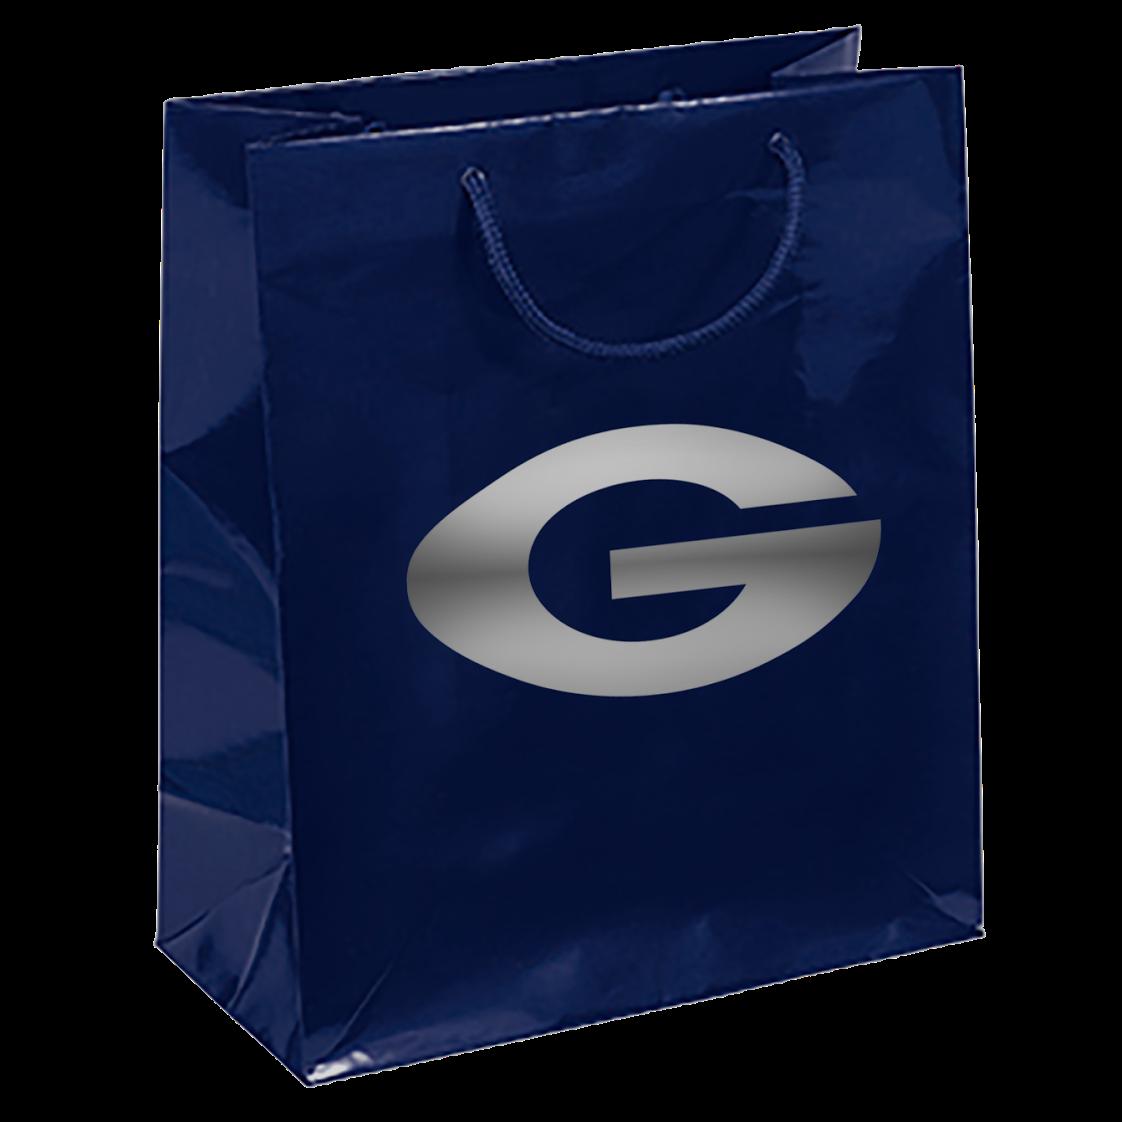 gift_bag_2048x2048.png